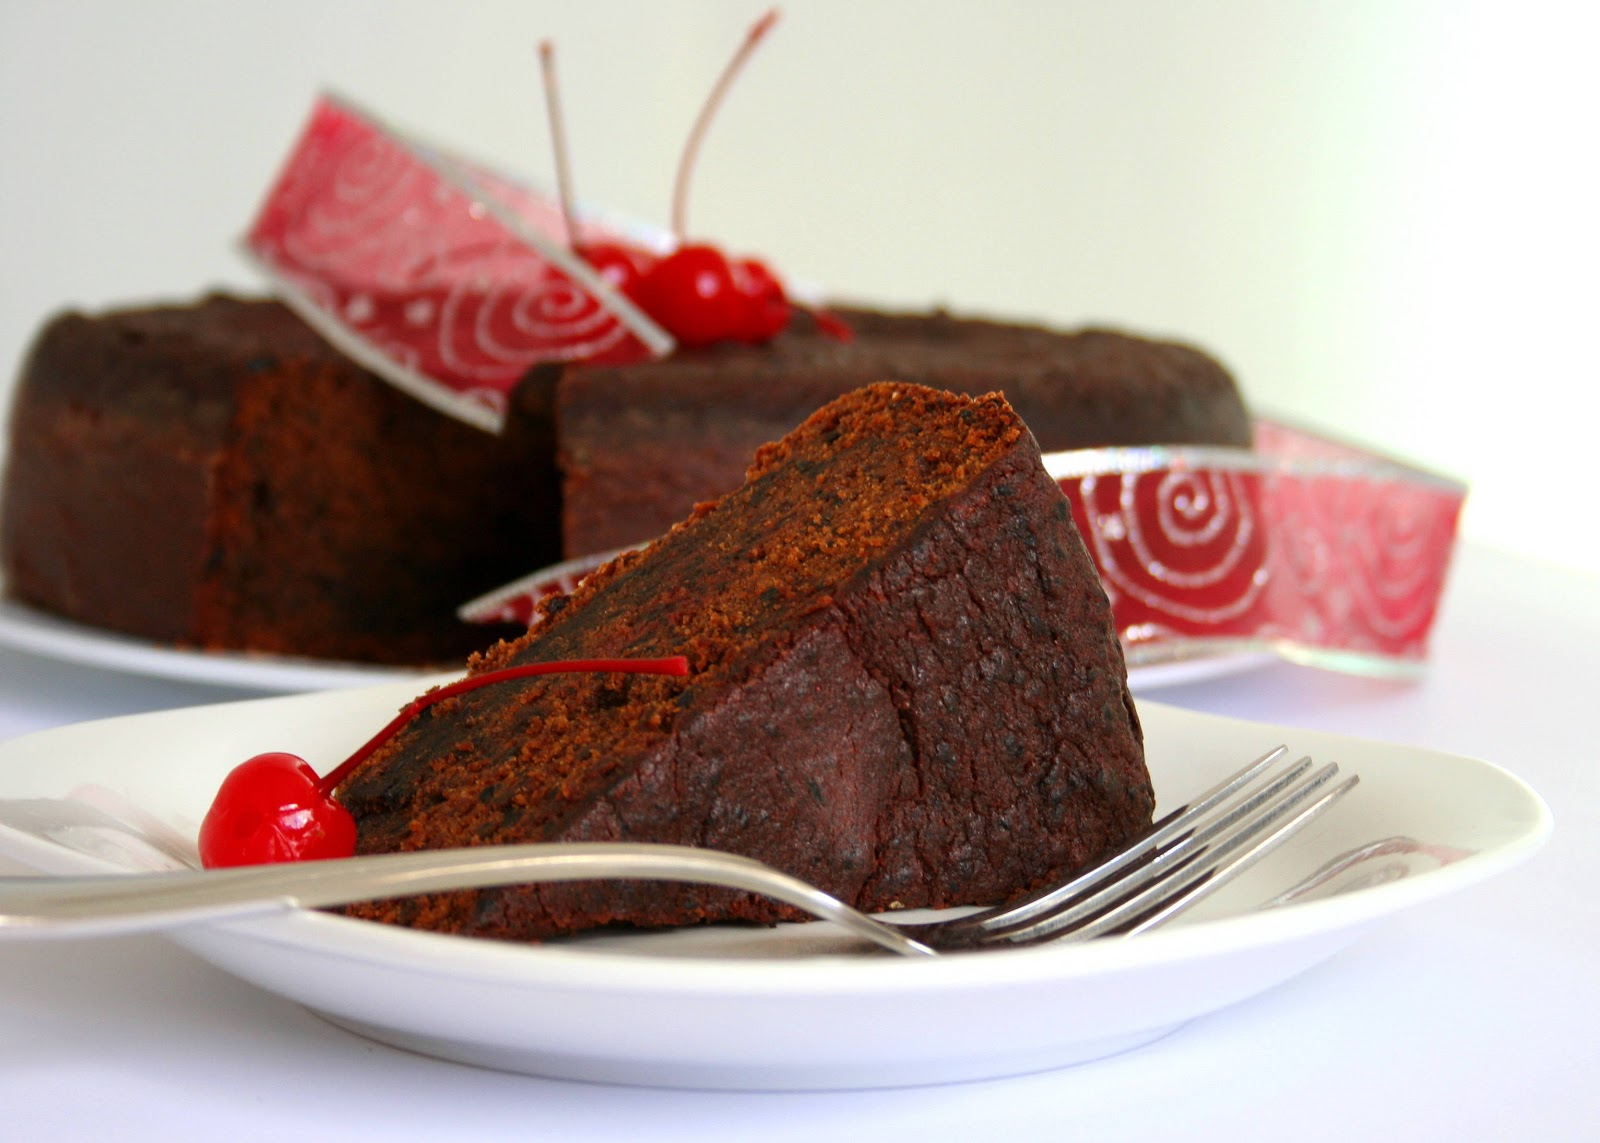 Bajan Black Rum Cake Recipe